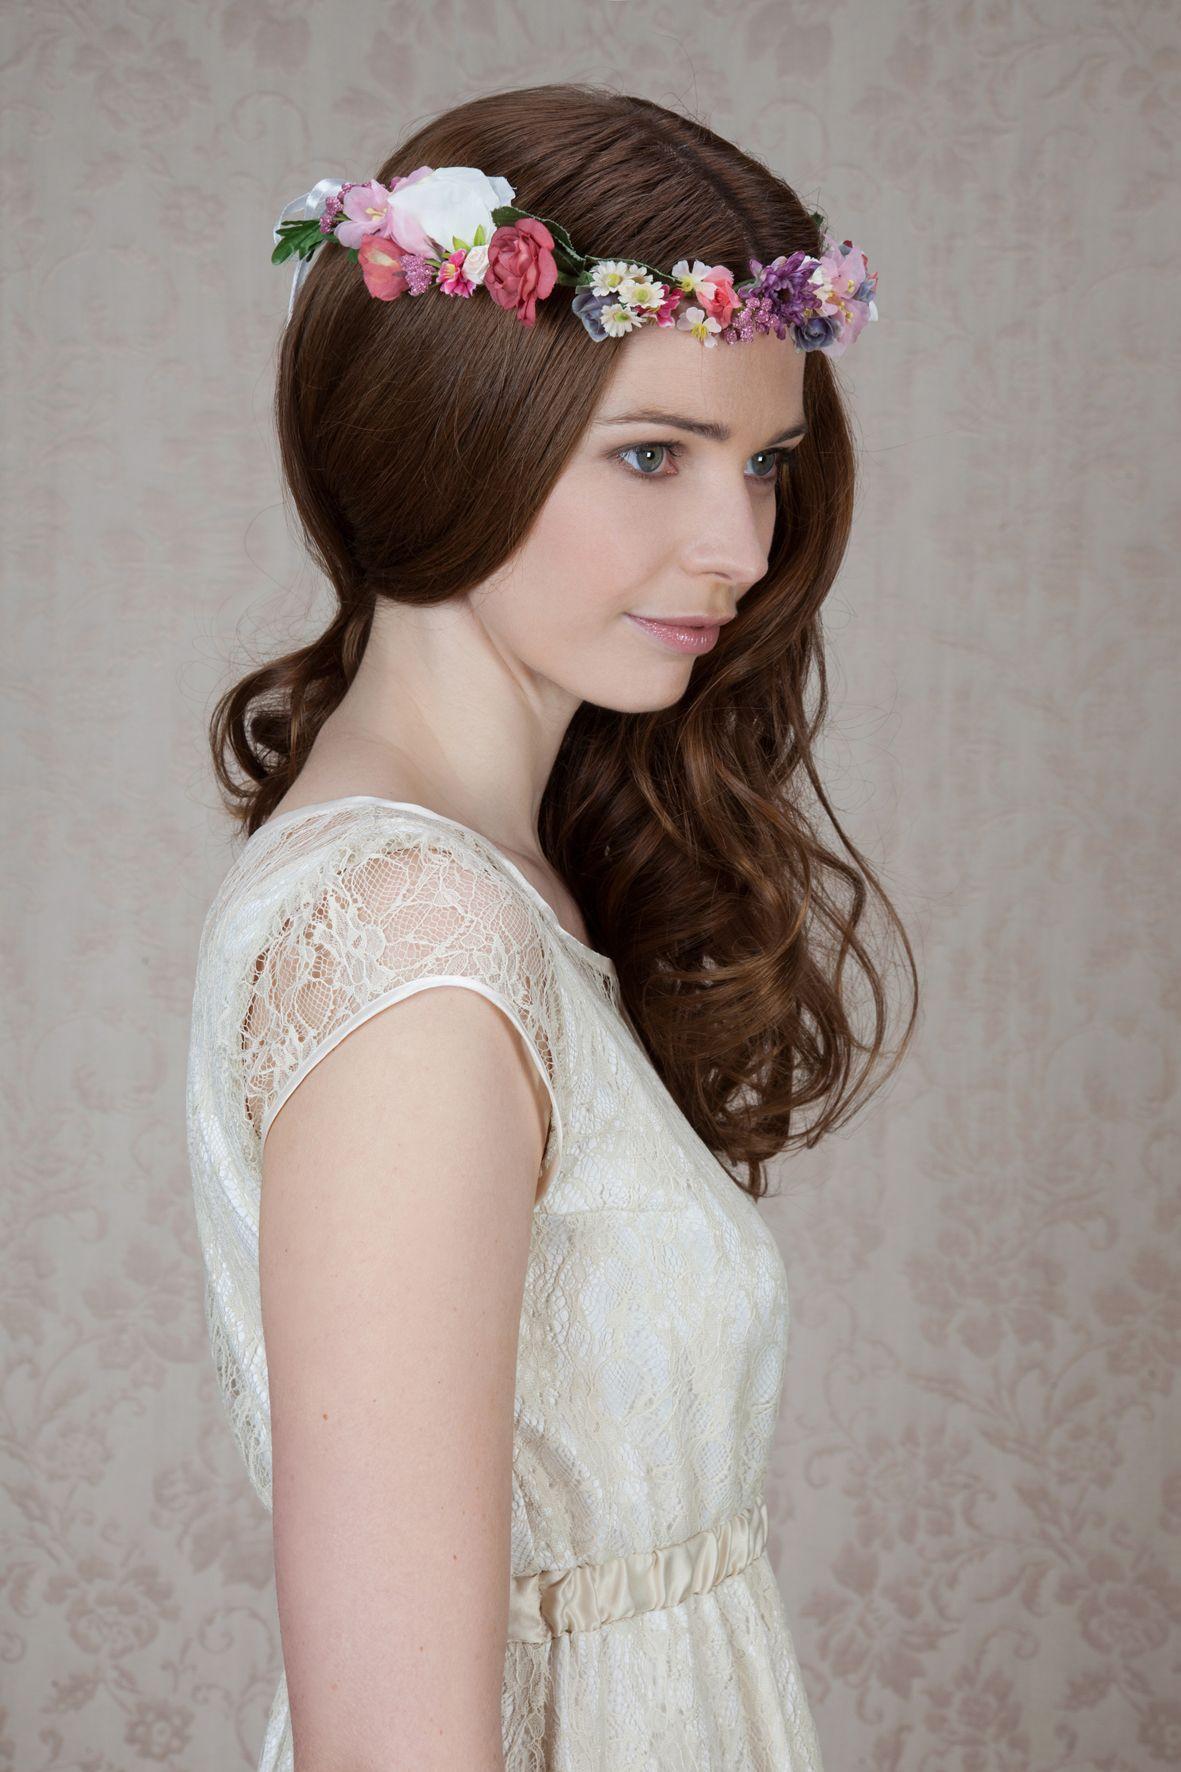 Labude bltenkranz flower crown braut haarschmuck vintage style labude bltenkranz flower crown braut haarschmuck vintage style izmirmasajfo